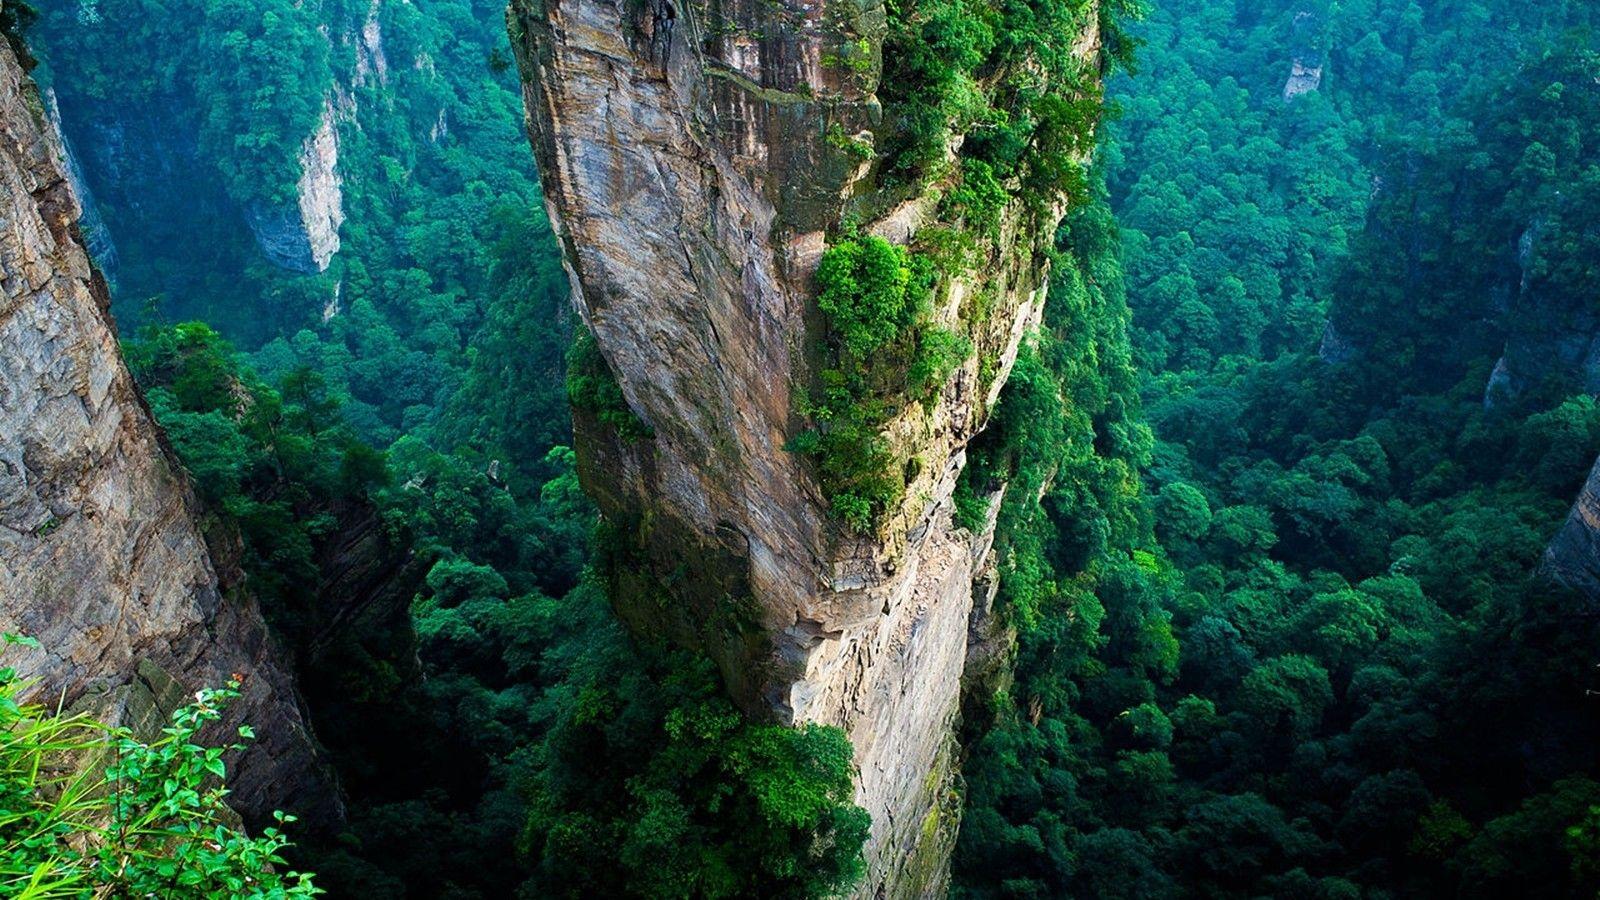 Fondos De Pantalla Paisajes 4k Ultra Hd Zhangjiajie Tianzi Mountains Forest Scenery